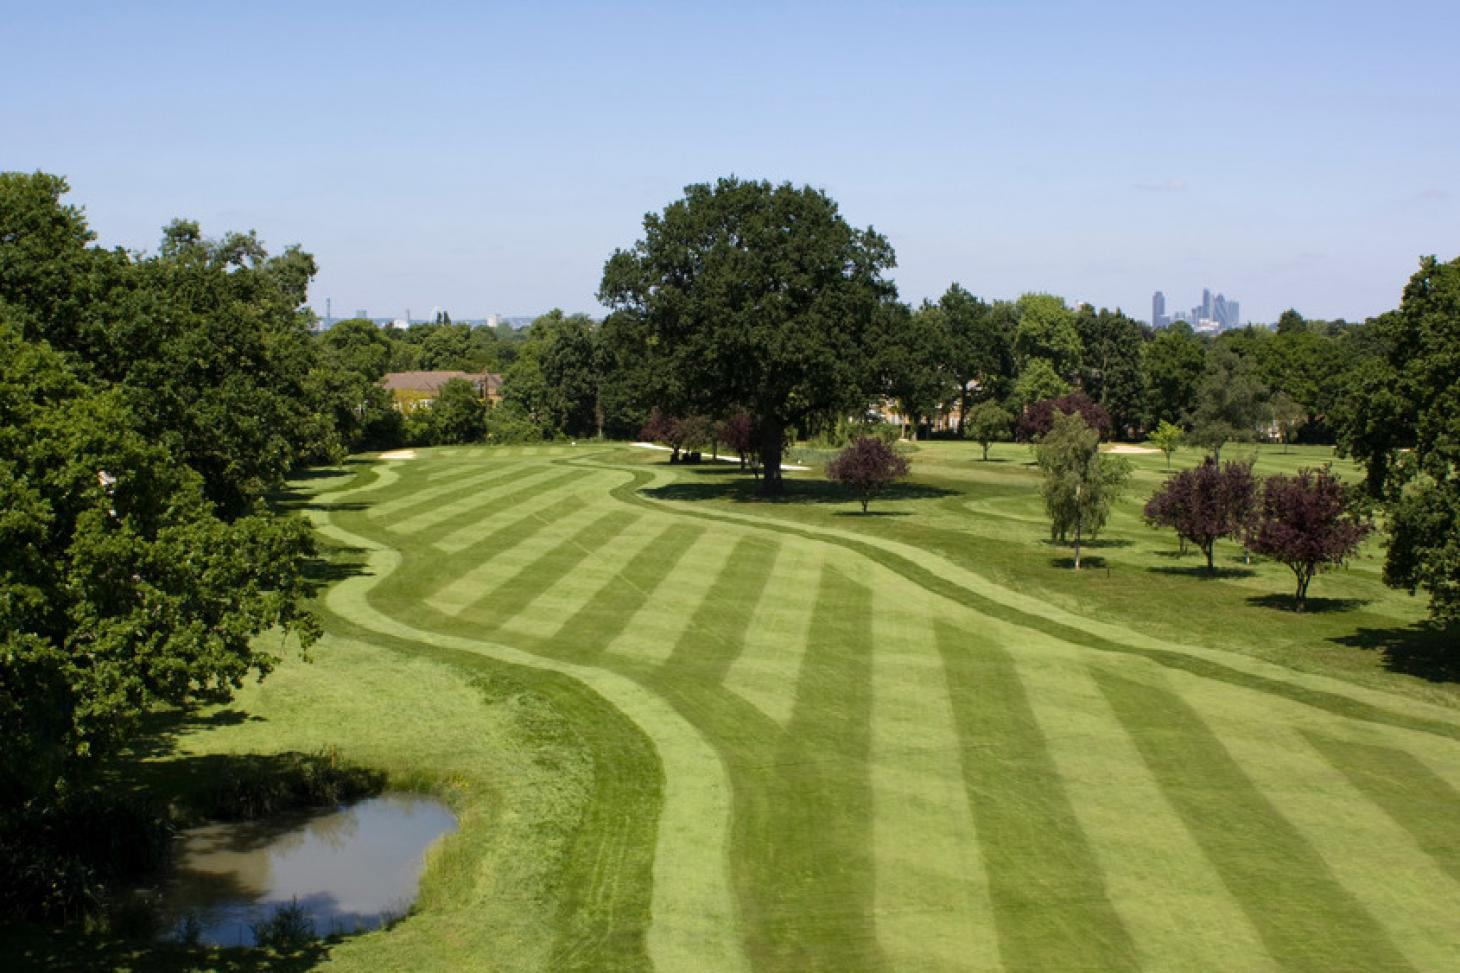 Dulwich & Sydenham Hill Golf Club 18 hole golf course